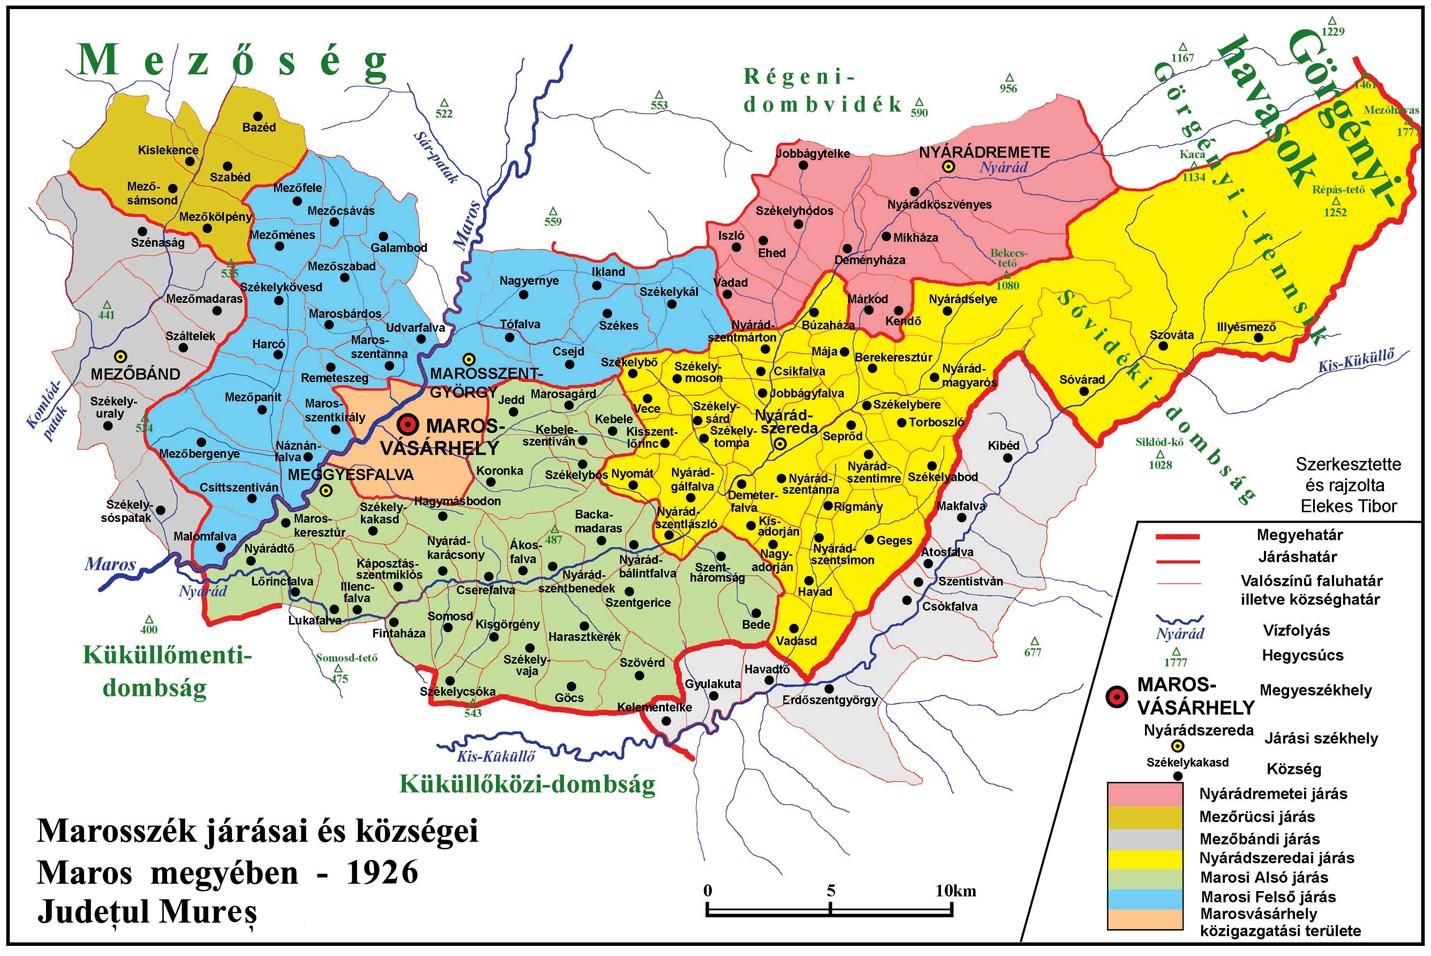 erdély megye térkép Az erdélyi megyék közigazgatási határainak változása a középkortól  erdély megye térkép